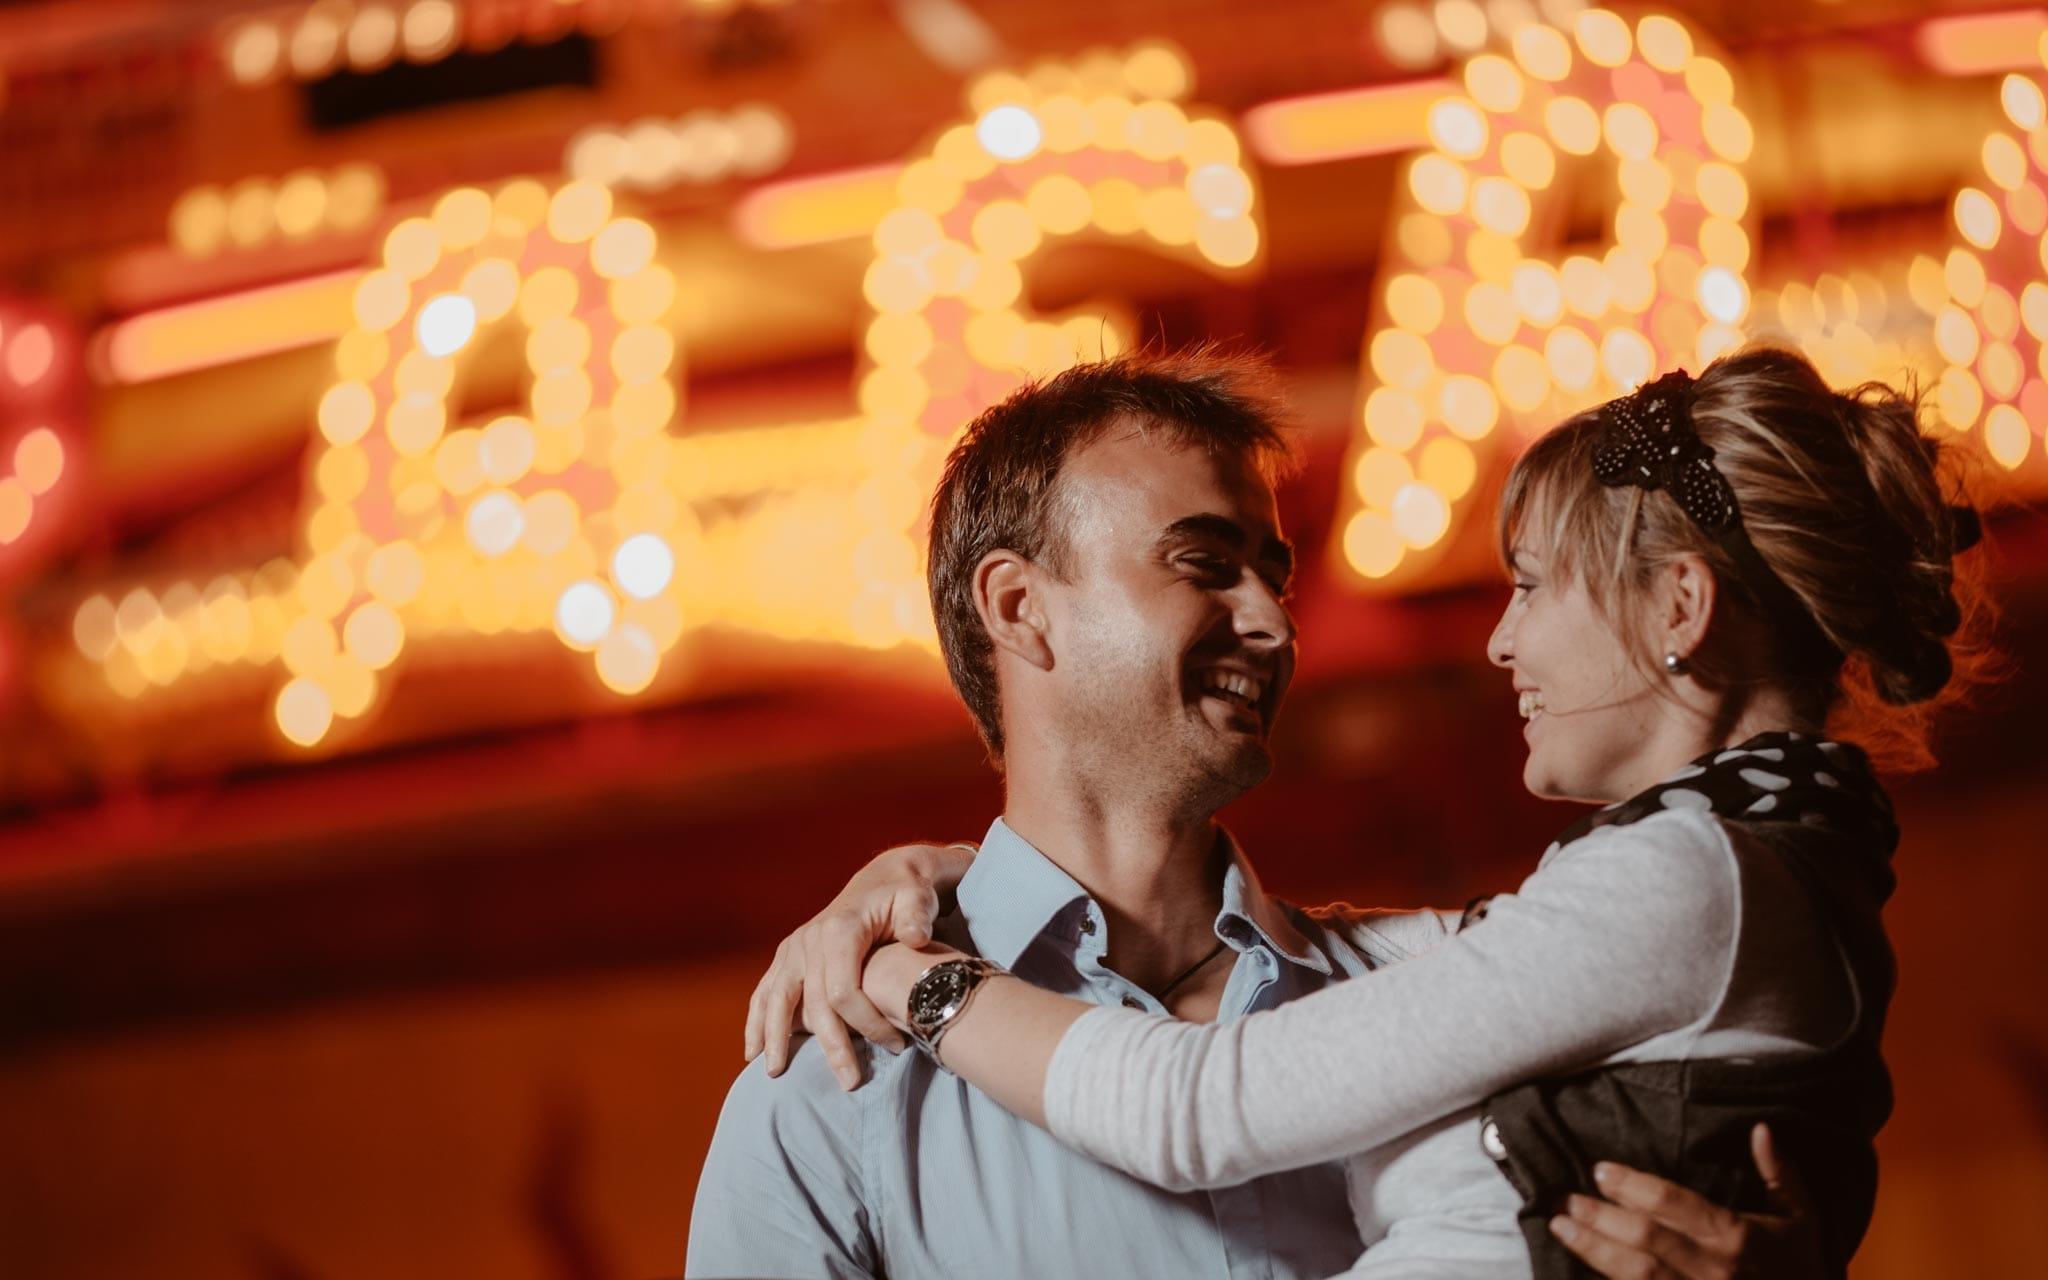 séance photo de couple à la fête foraine de Nantes par Geoffrey Arnoldy photographe